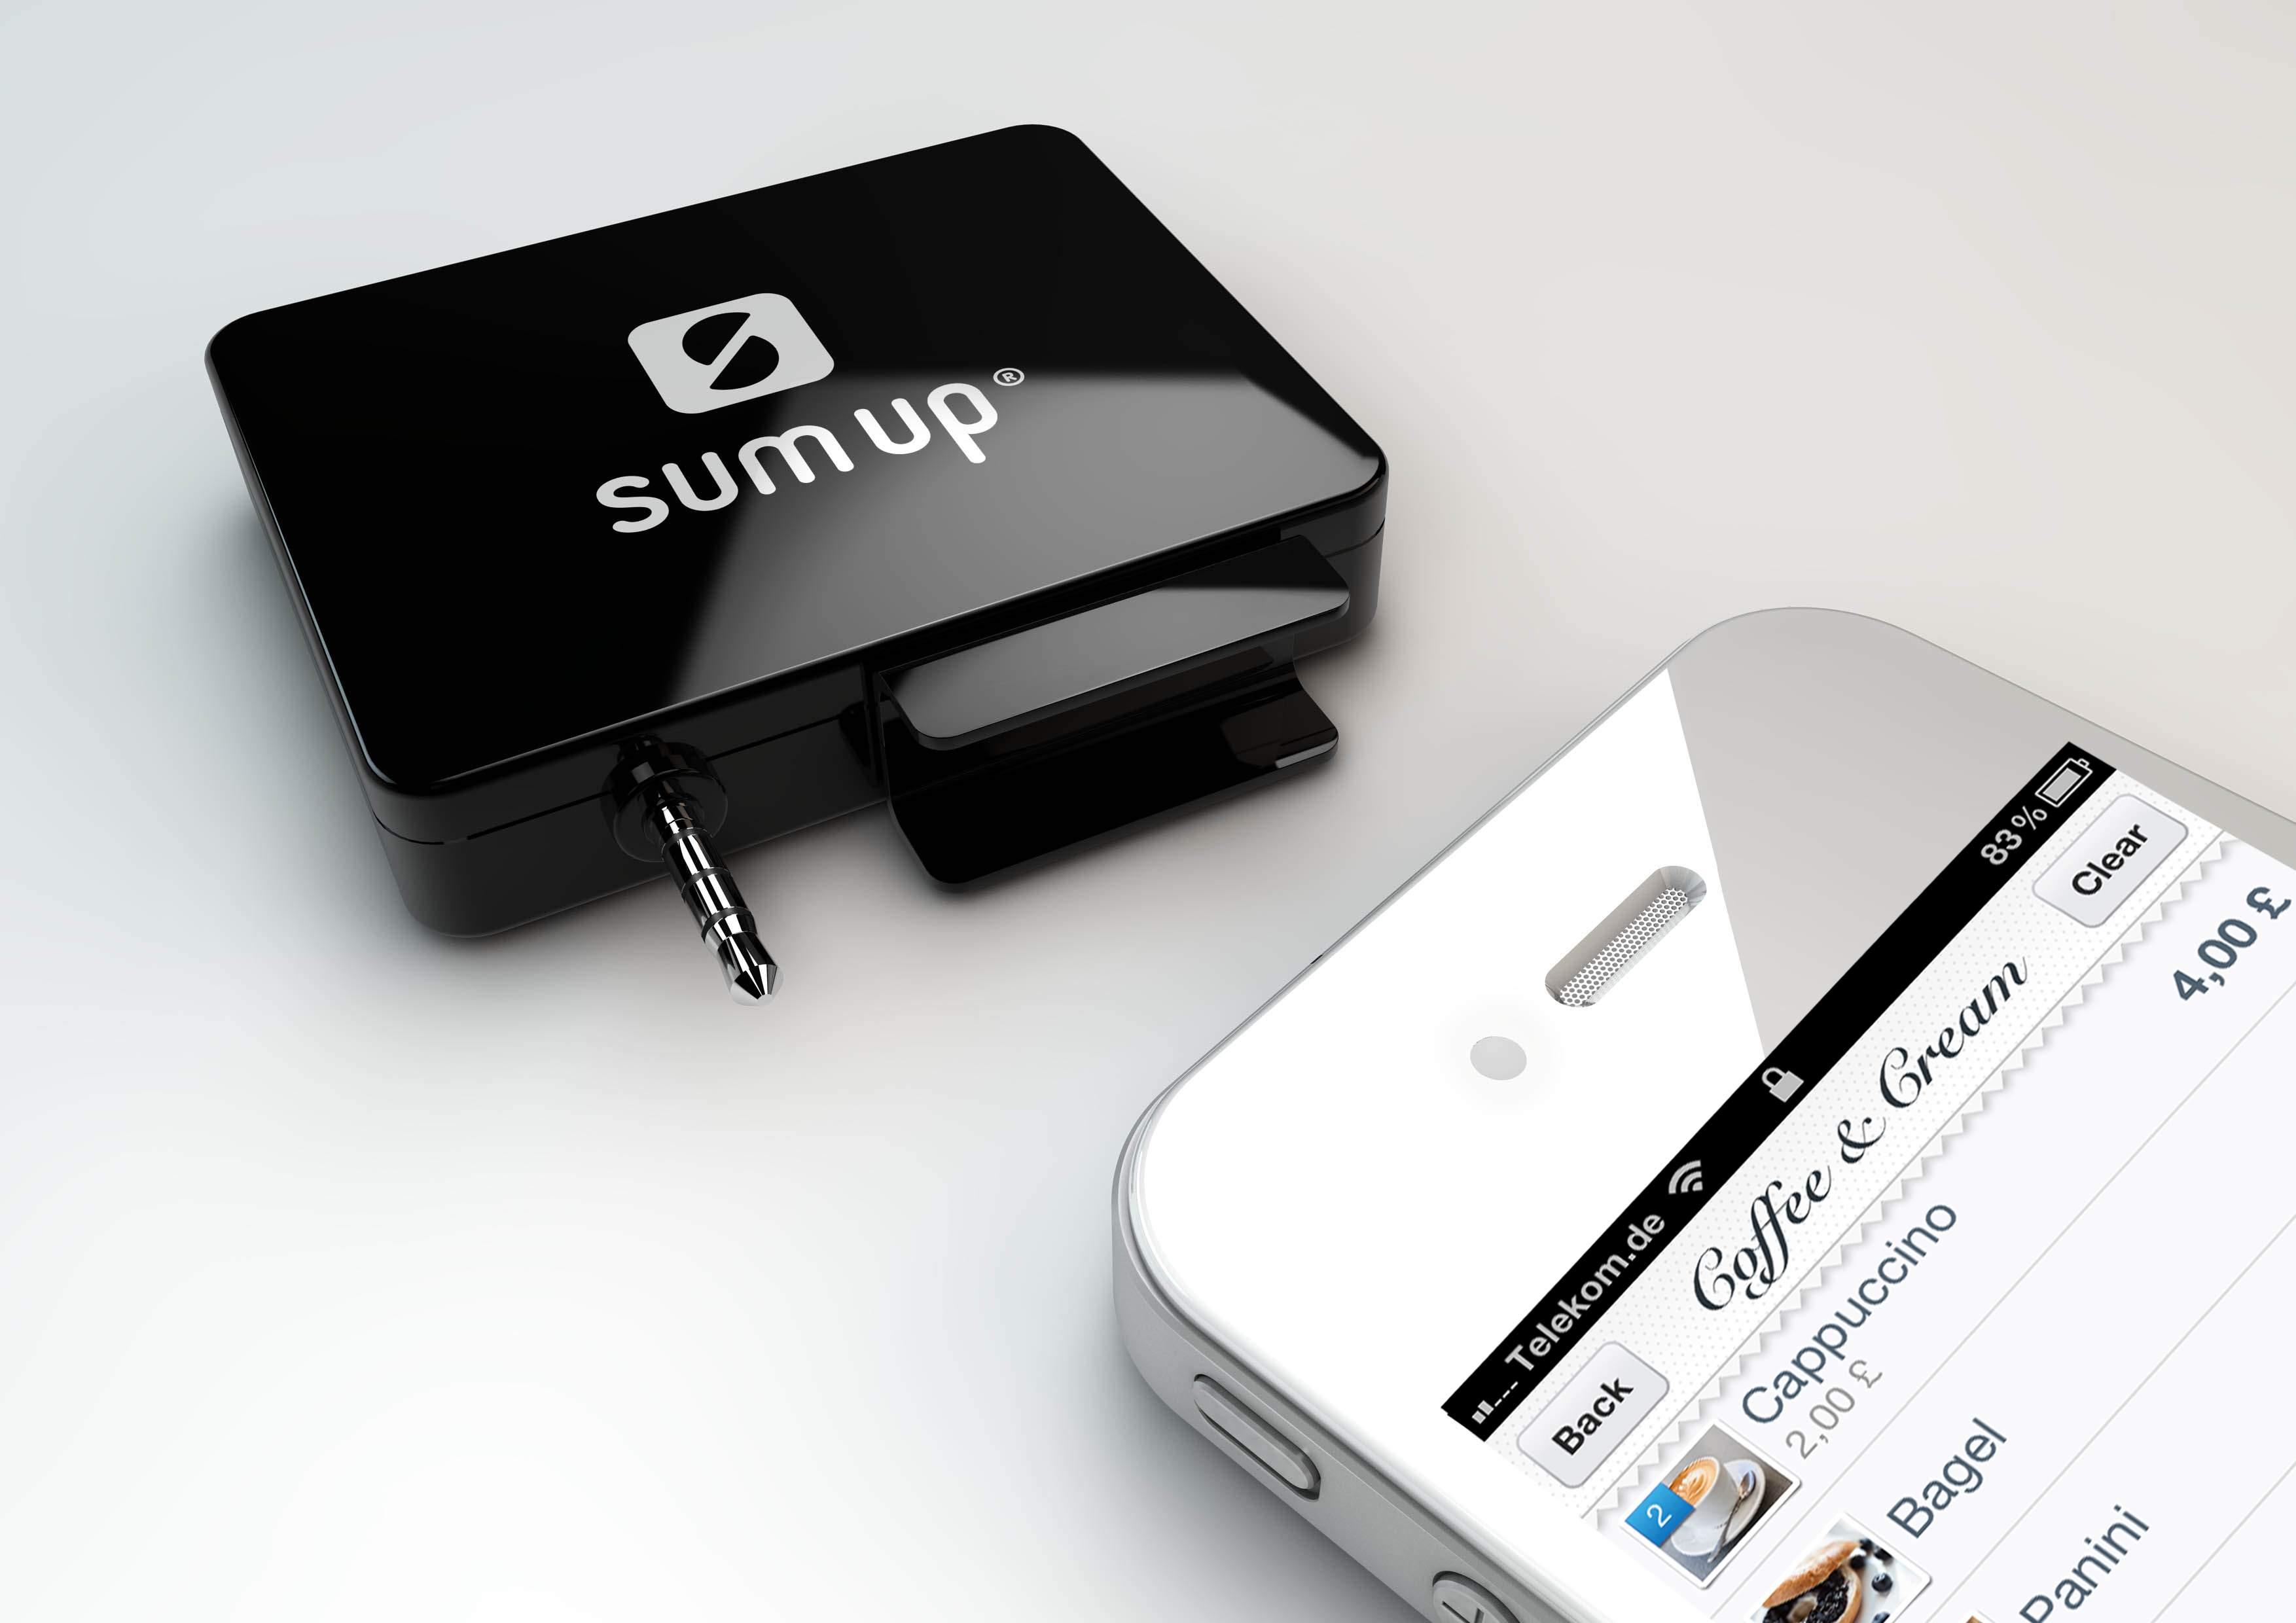 SumUp iPhone